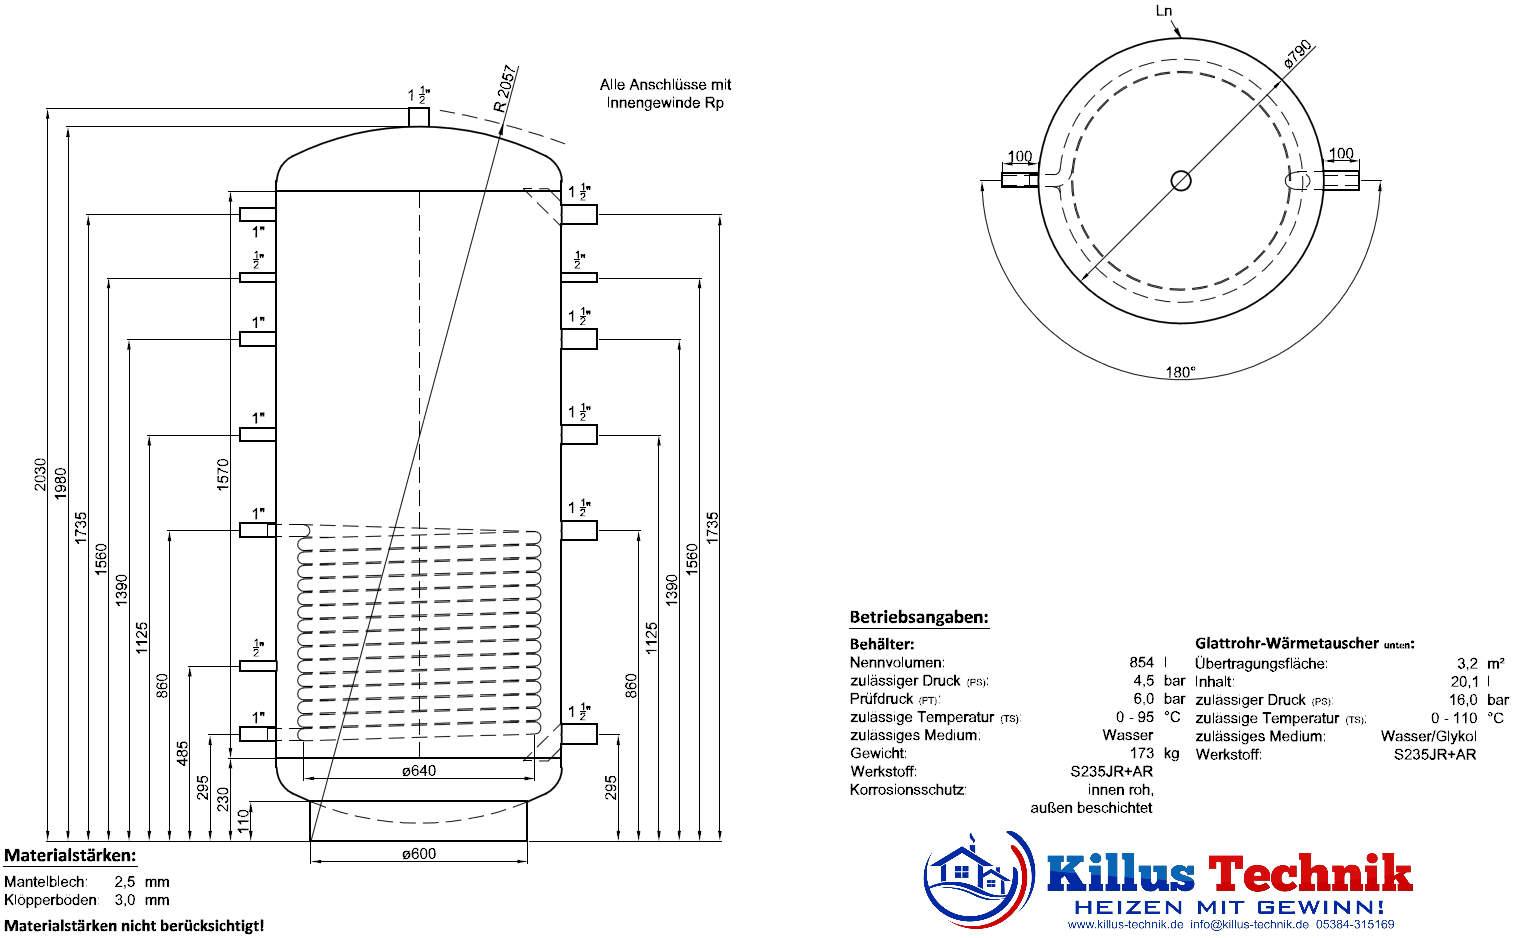 Pufferspeicher TWL 1000 Liter 1 Wärmetauscher Muffenanodrnung von 100 Grad Draufsicht Killus-Technik.de